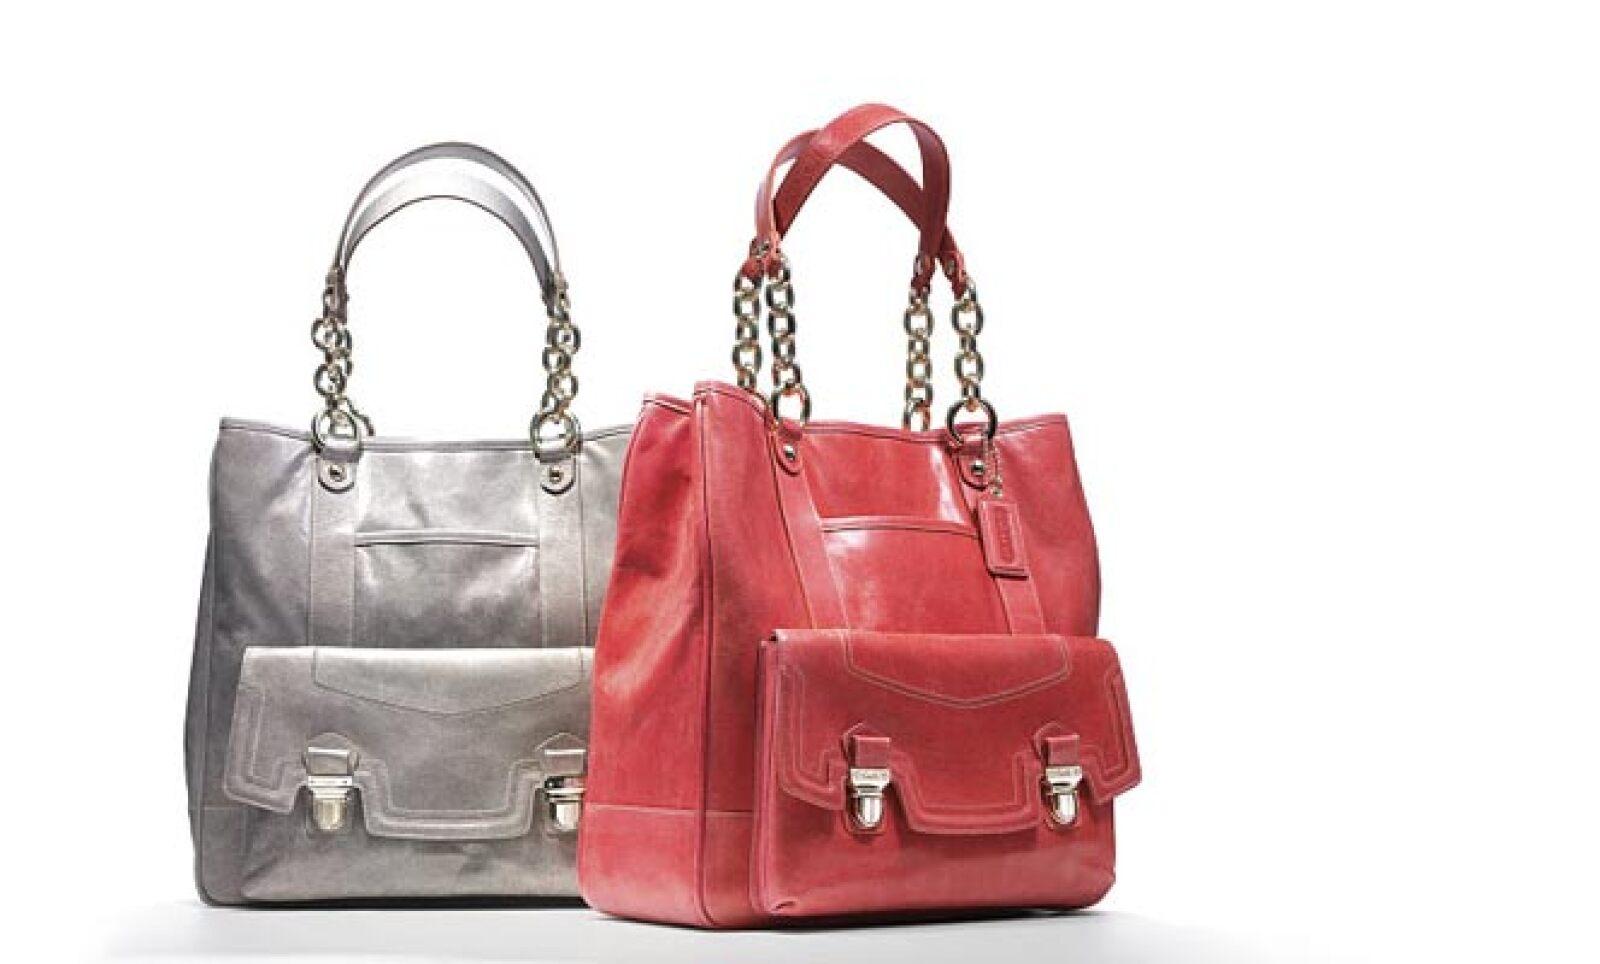 Cualquiera de estos dos tonos de bolsa puede funcionar para combinar con un estilo casual de viernes por la tarde.